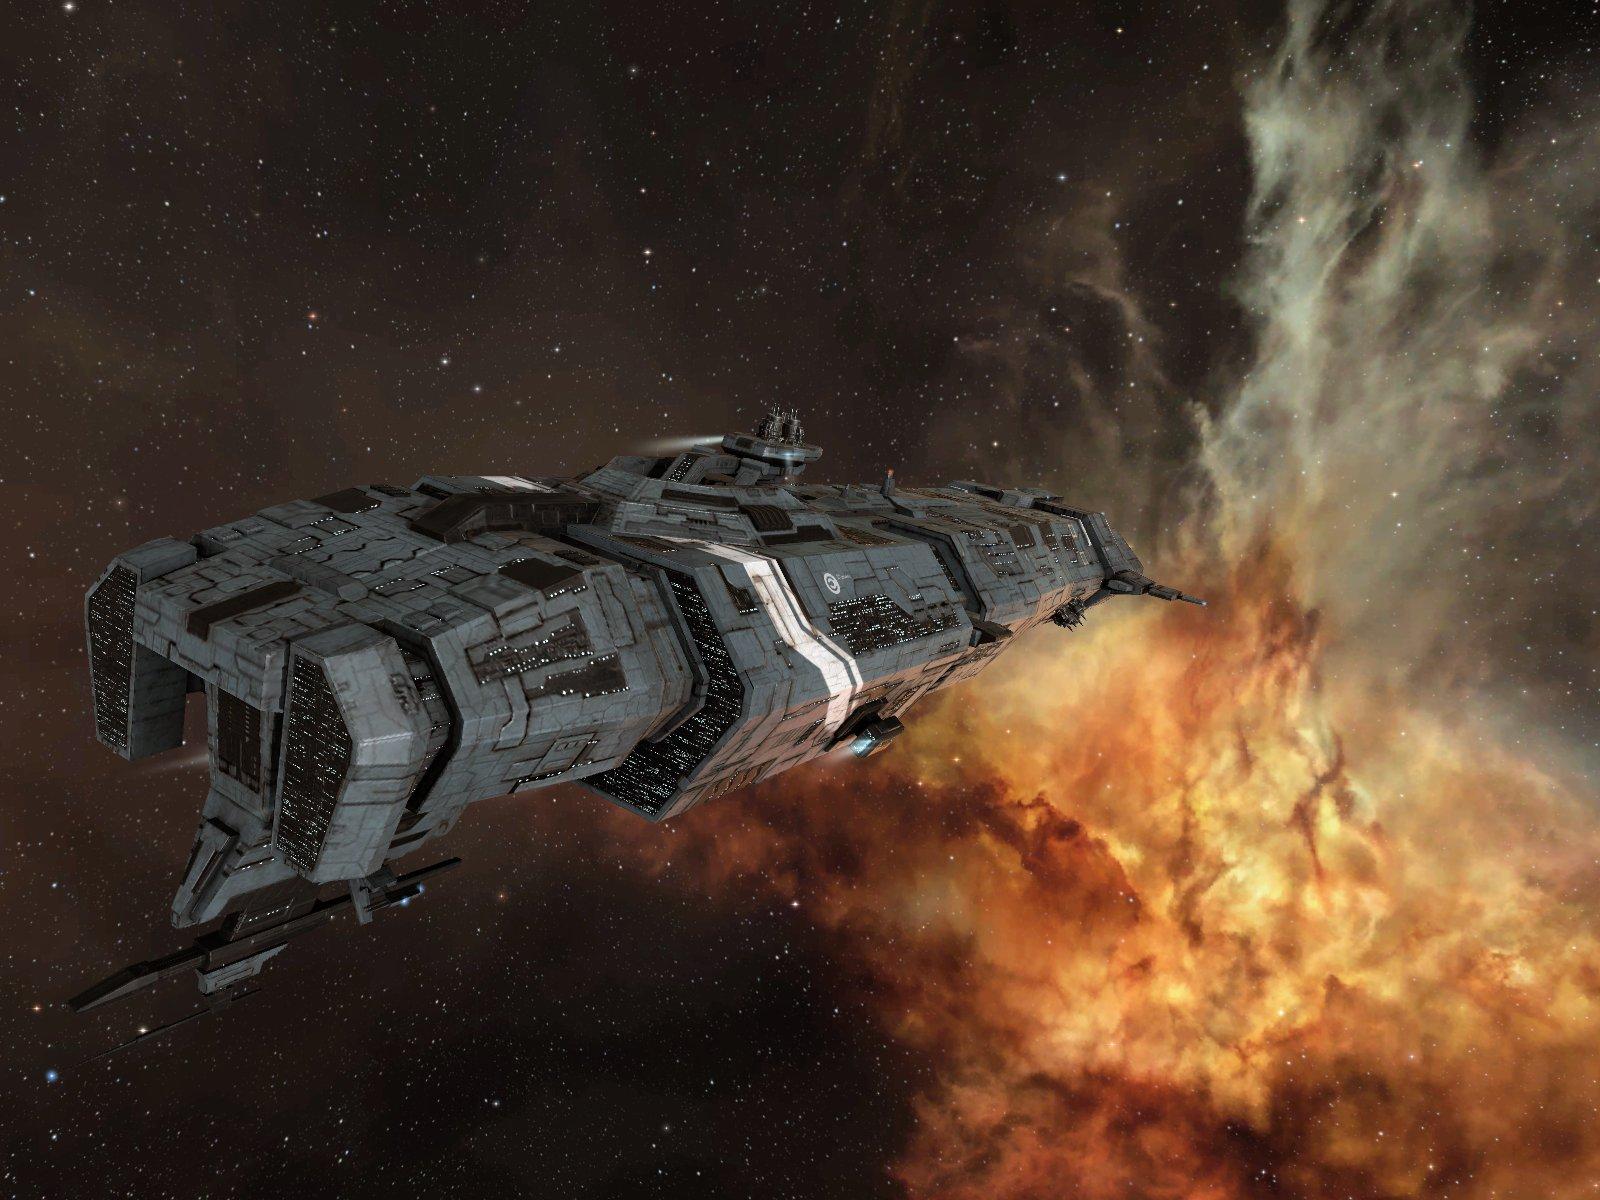 Cavalier-class Fast Battleship